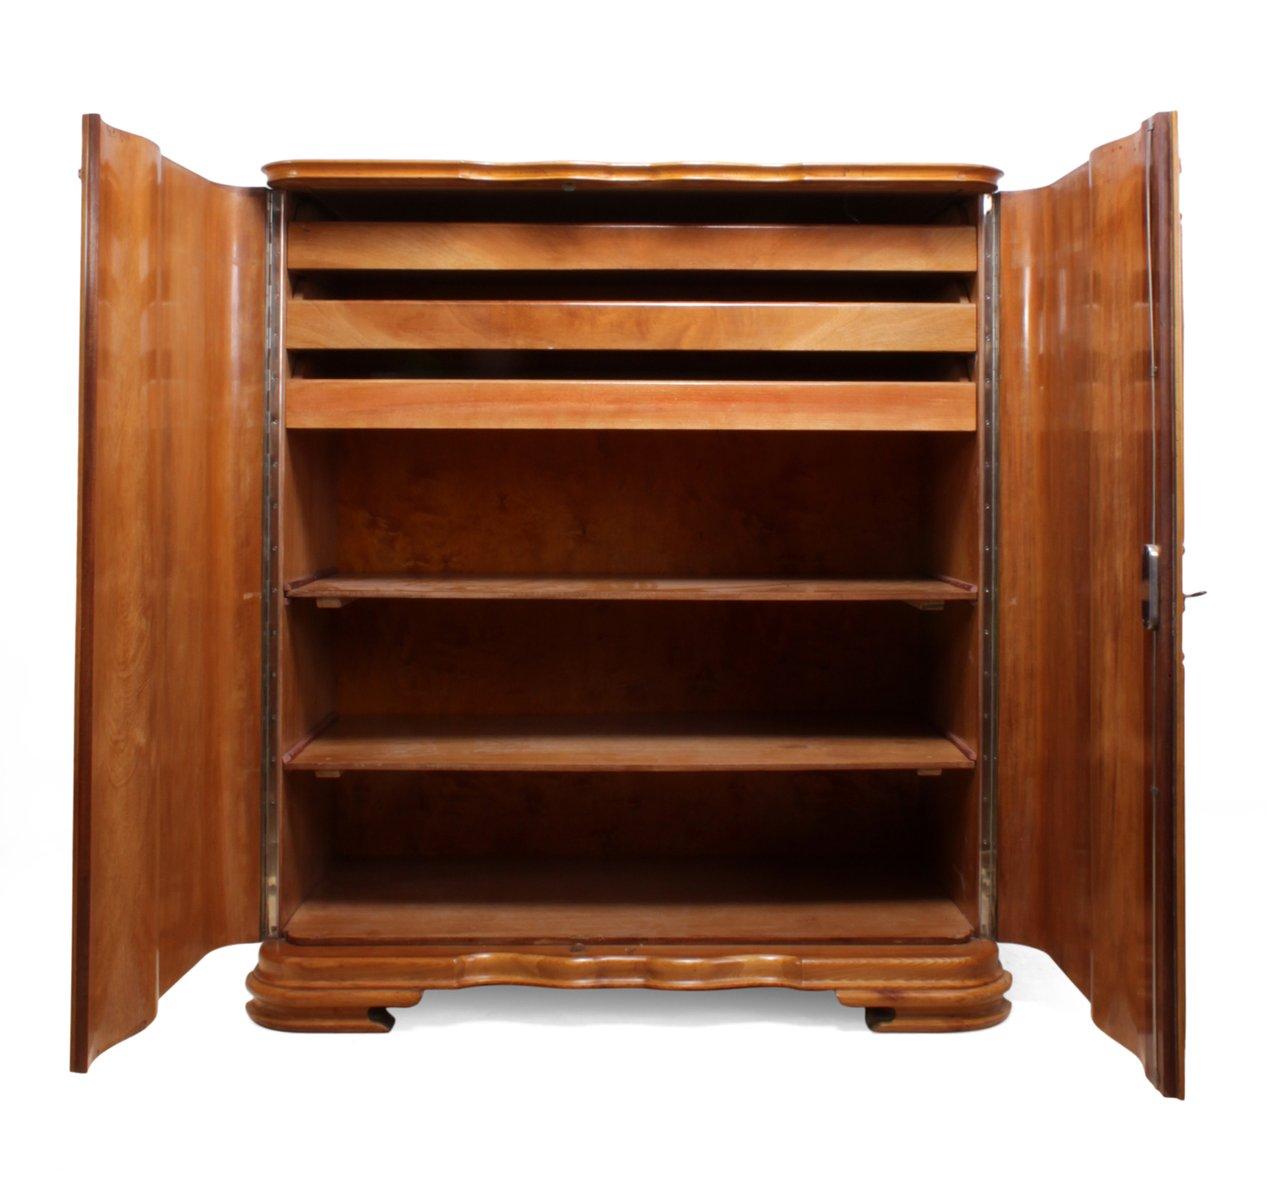 armoire linge art d co en bouleau car lien 1920s en vente sur pamono. Black Bedroom Furniture Sets. Home Design Ideas